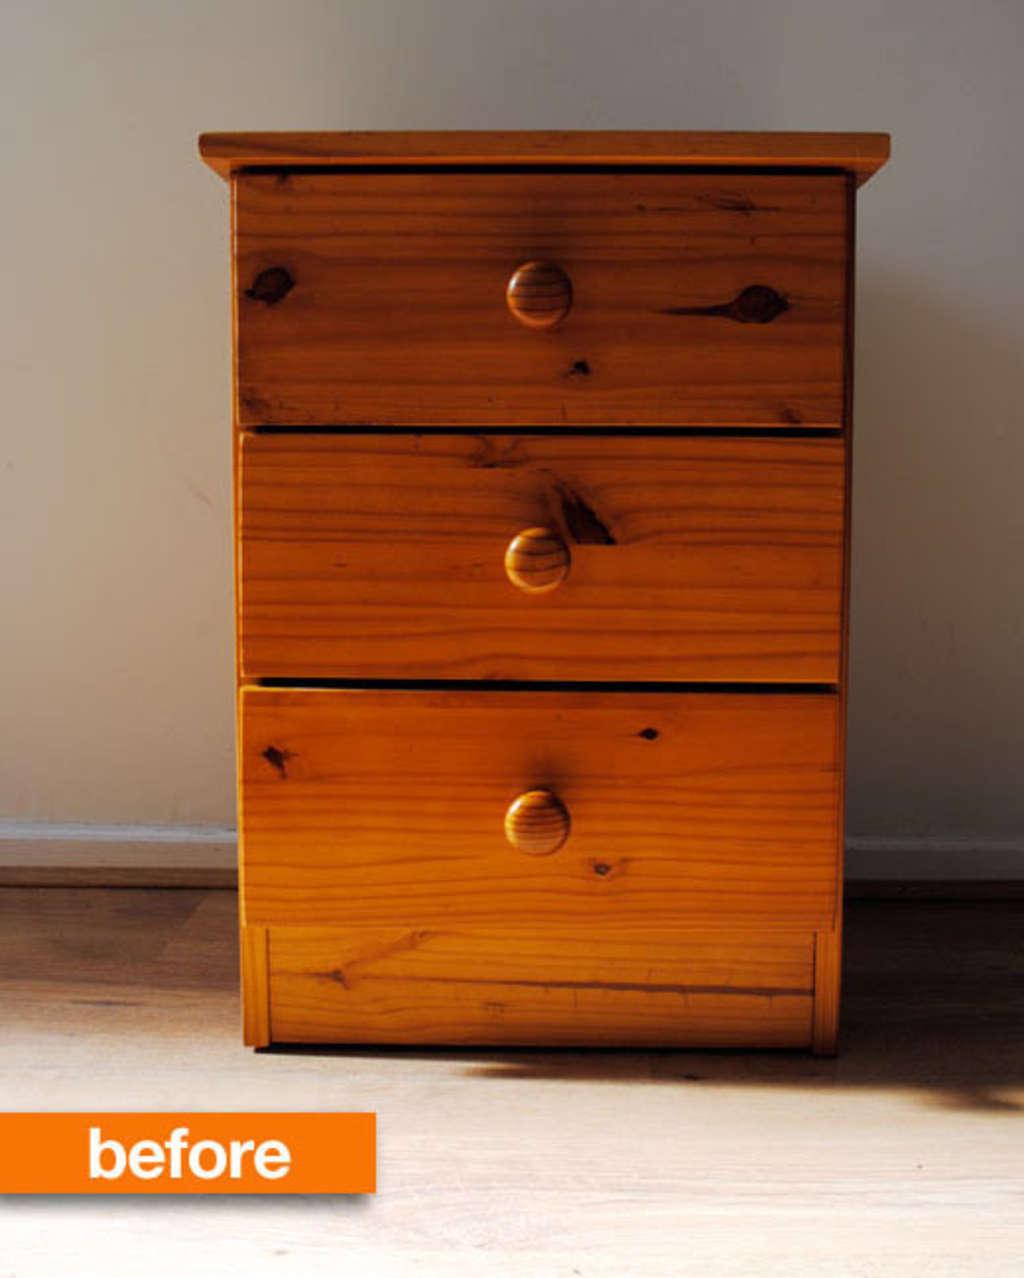 How to paint a wooden dresser 7f799d7a9b1d944acd8226bbd77d2e401f272751